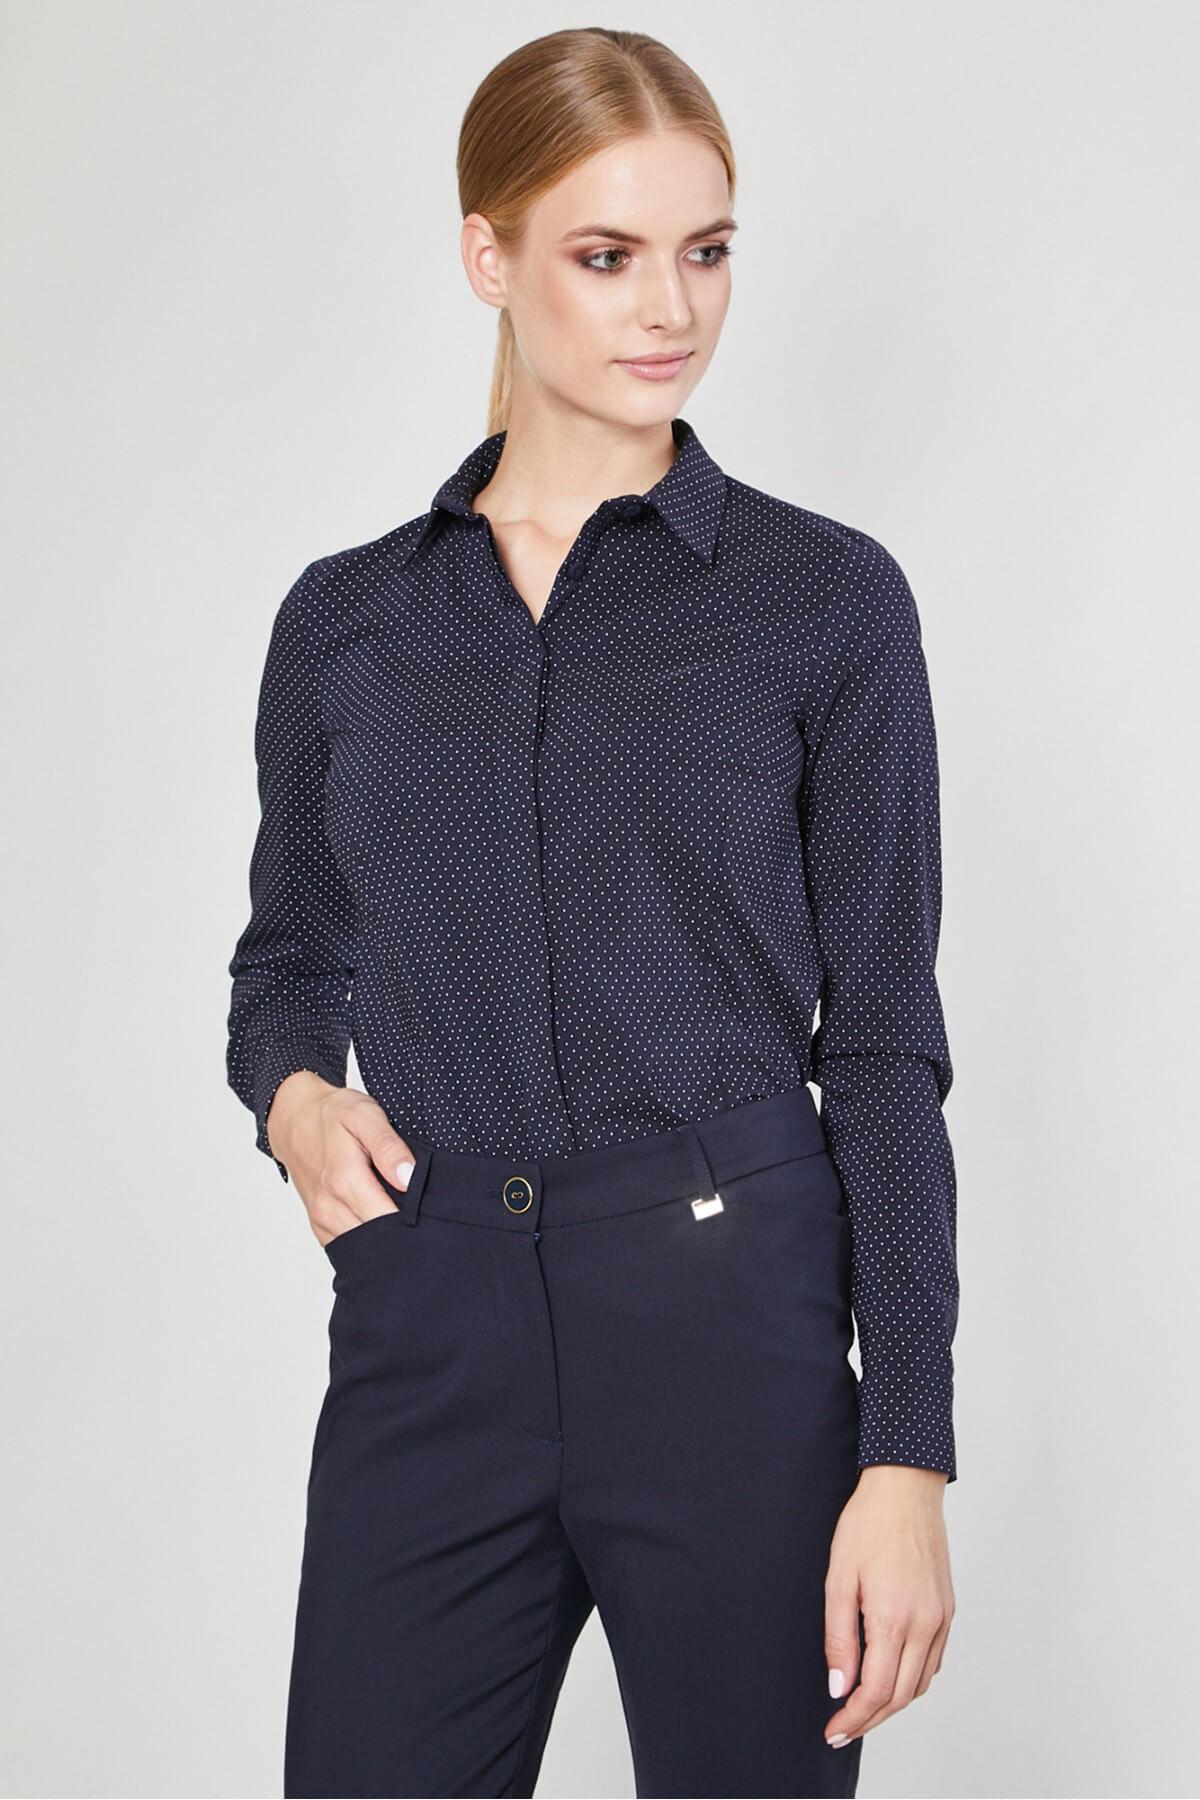 8602ae2a2 Eleganckie koszule damskie – w wersji do biura, na co dzień i ...